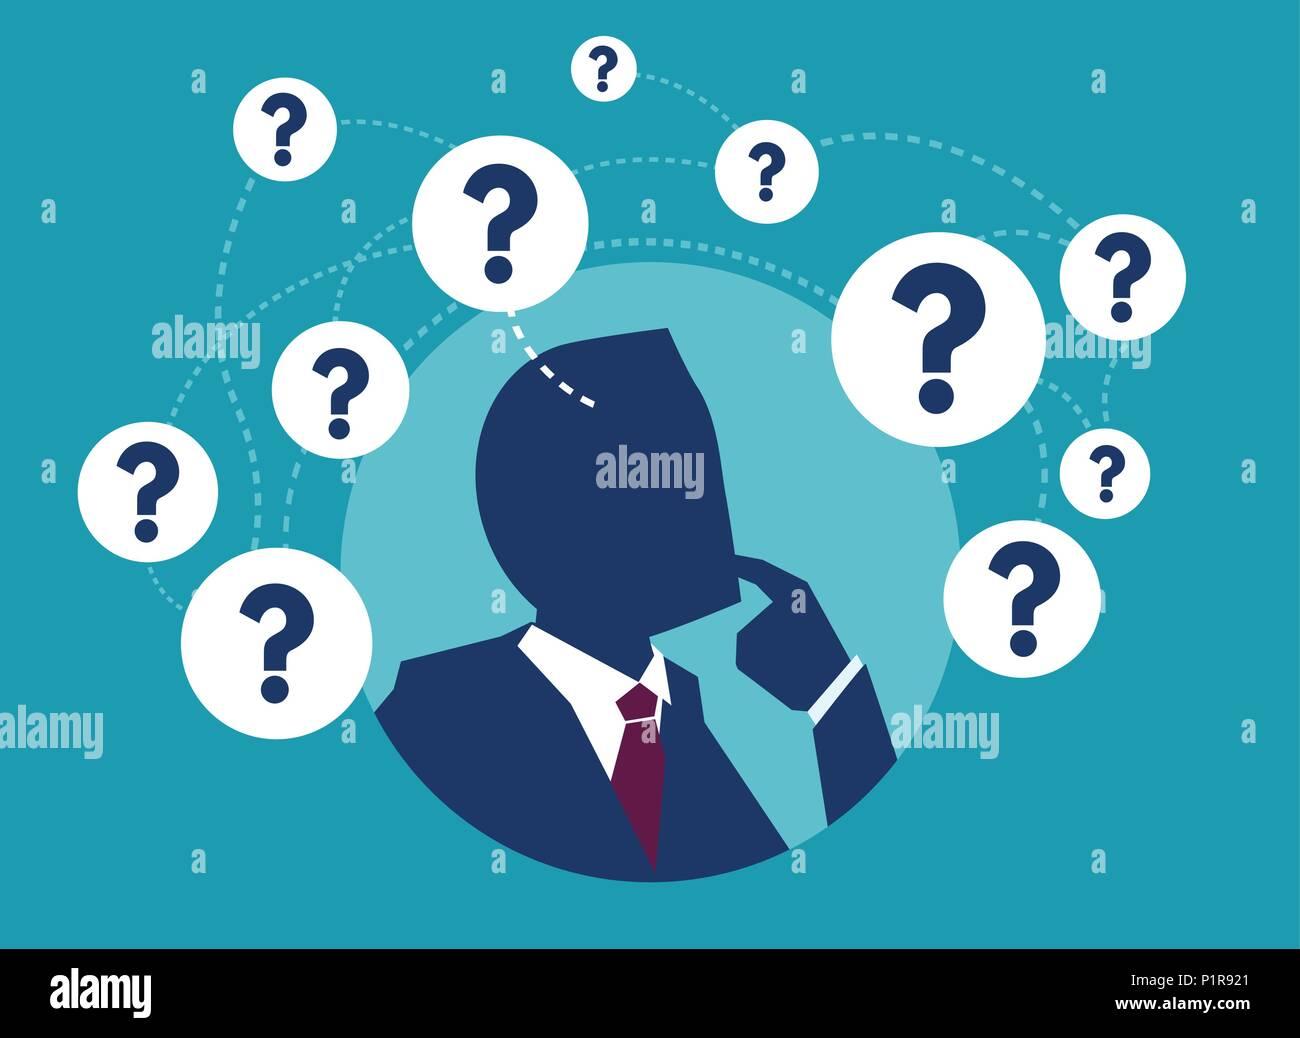 Vektor Bild der Geschäftsmann mit viel Frage denken in Zweifel. Stockbild